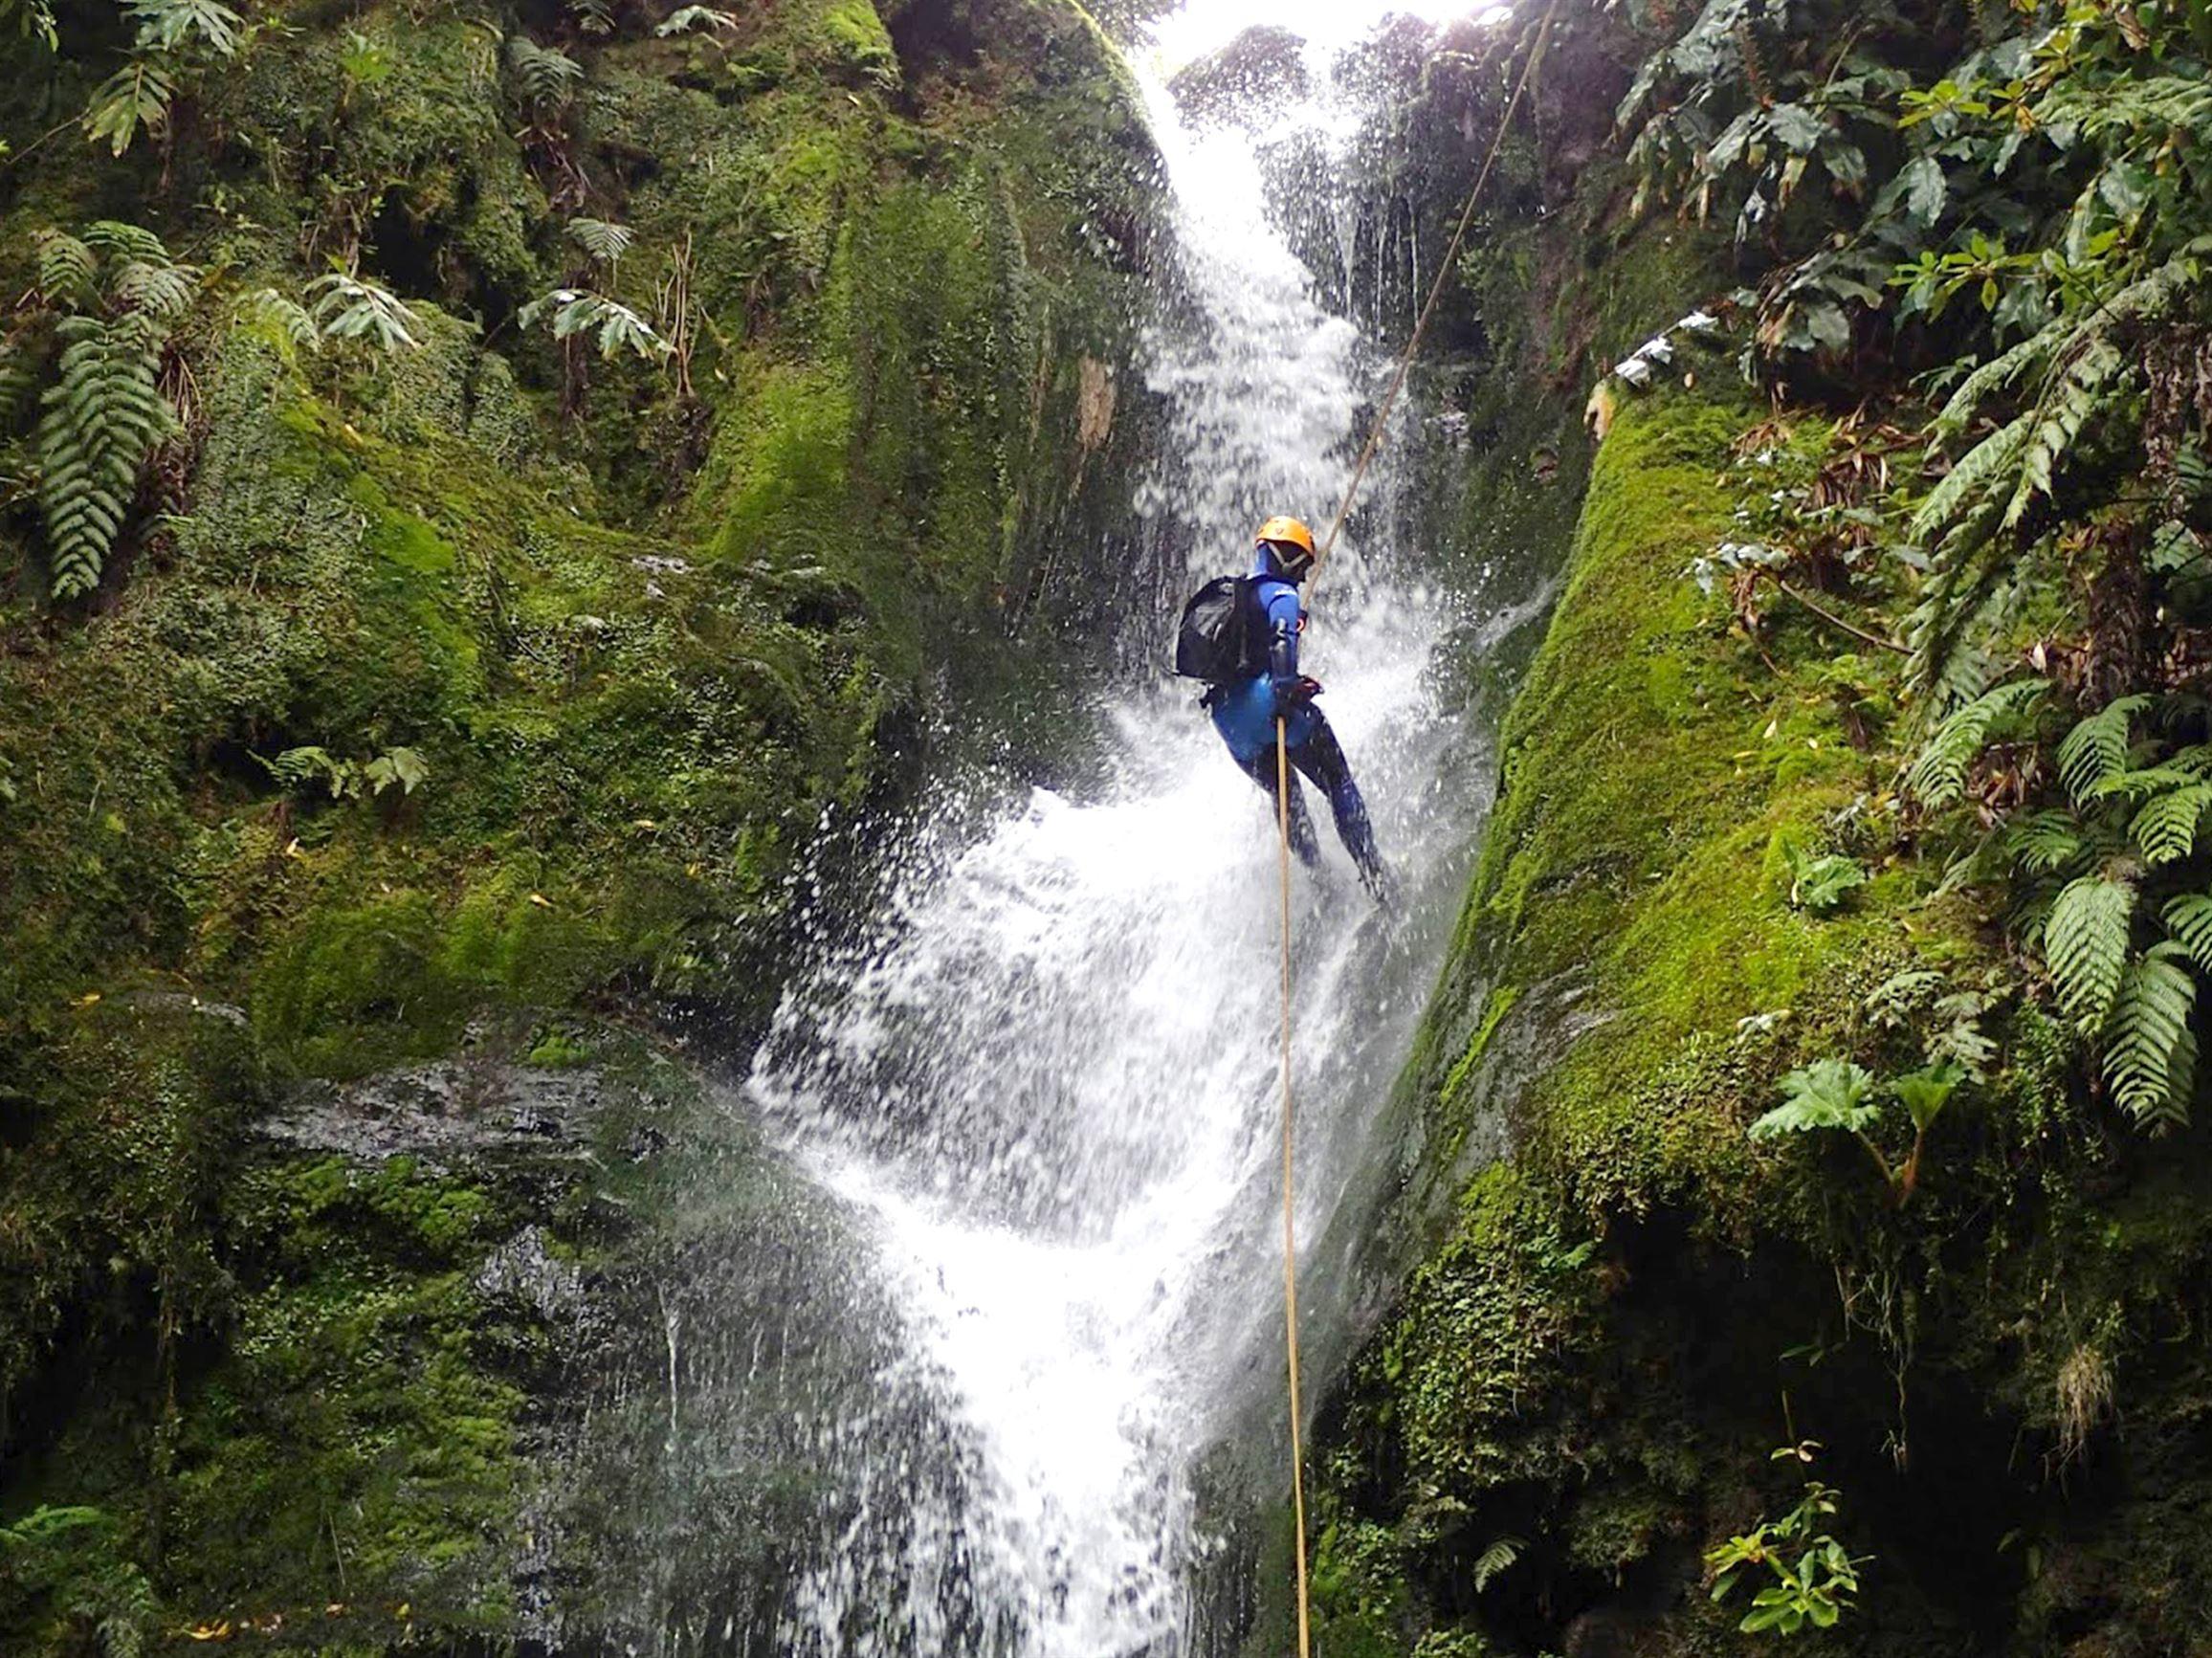 Azores Canyoning in Ribeira dos Caldeirões